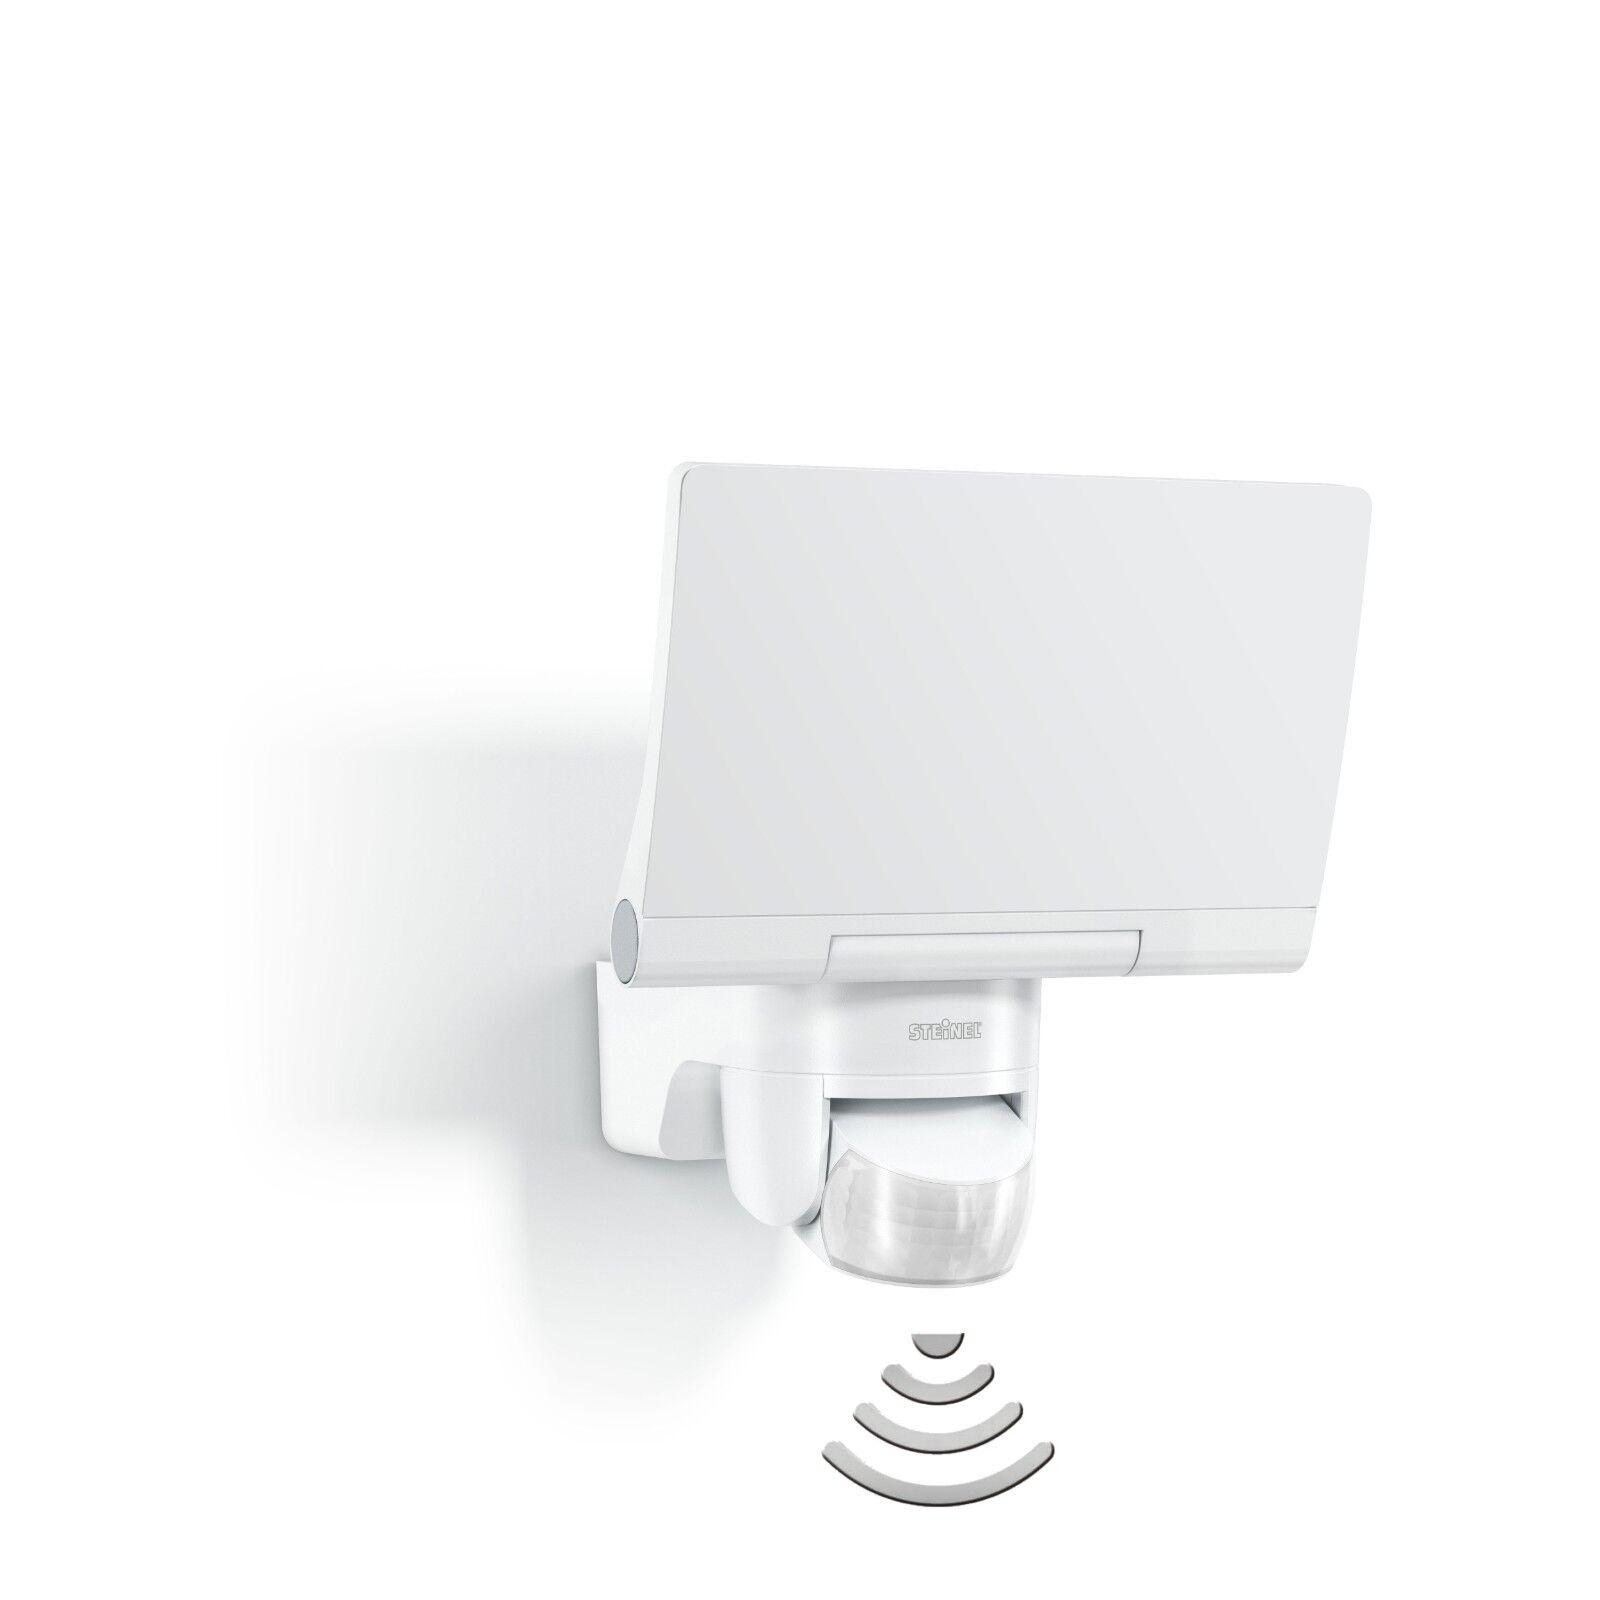 Steinel LED Strahler XLED Home 2 Weiß mit Bewegungsmelder       Ausgezeichnete Leistung    Outlet Store    Luxus